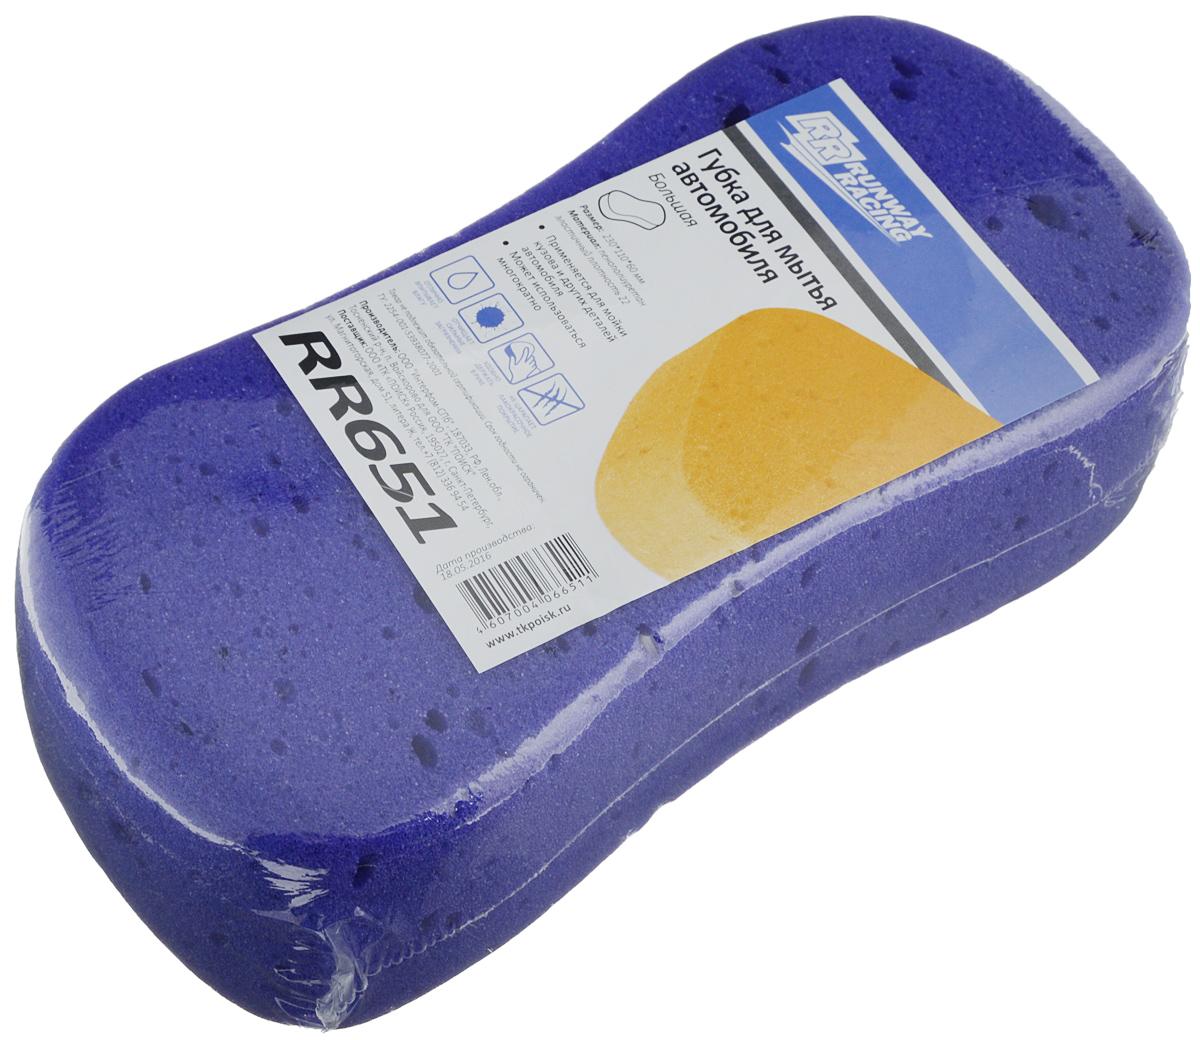 Губка для мытья автомобиля Runway Racing, цвет: фиолетовый, 23 х 11 х 6 смRR651_фиолетовыйГубка для мытья автомобиля Runway Racing изготовлена из пенополиуретана. Высокое качество волокна из пенополиуретана гарантирует долговечность продукта и стойкость ко многим растворителям. Губка основательно очищает любые поверхности и прекрасно впитывает воду и автошампунь. Она обеспечивает бережный уход за лакокрасочным покрытием автомобиля. Специальная форма губки прекрасно ложится в руку и облегчает ее использование. Губка мягкая, способная сохранять свою форму даже после многократного использования.Размер губки: 23 х 11 х 6 см.